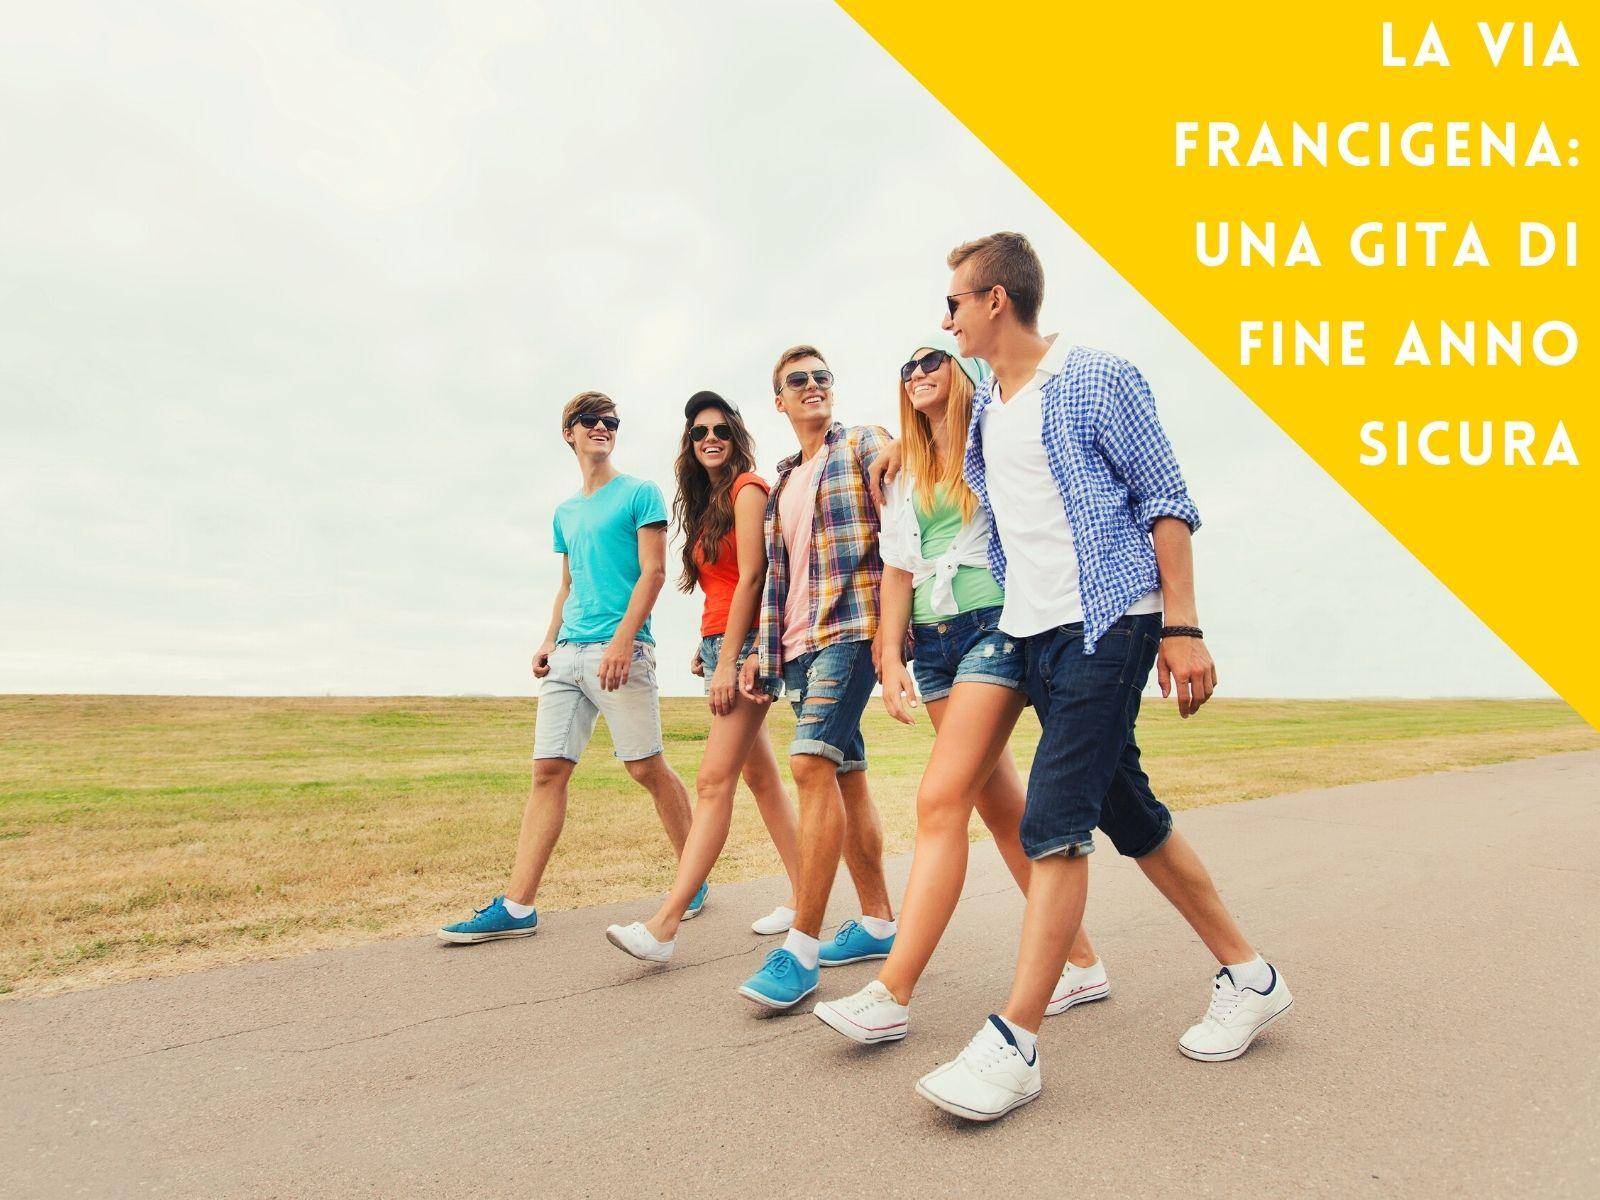 La Via Francigena: una gita di fine anno sicura